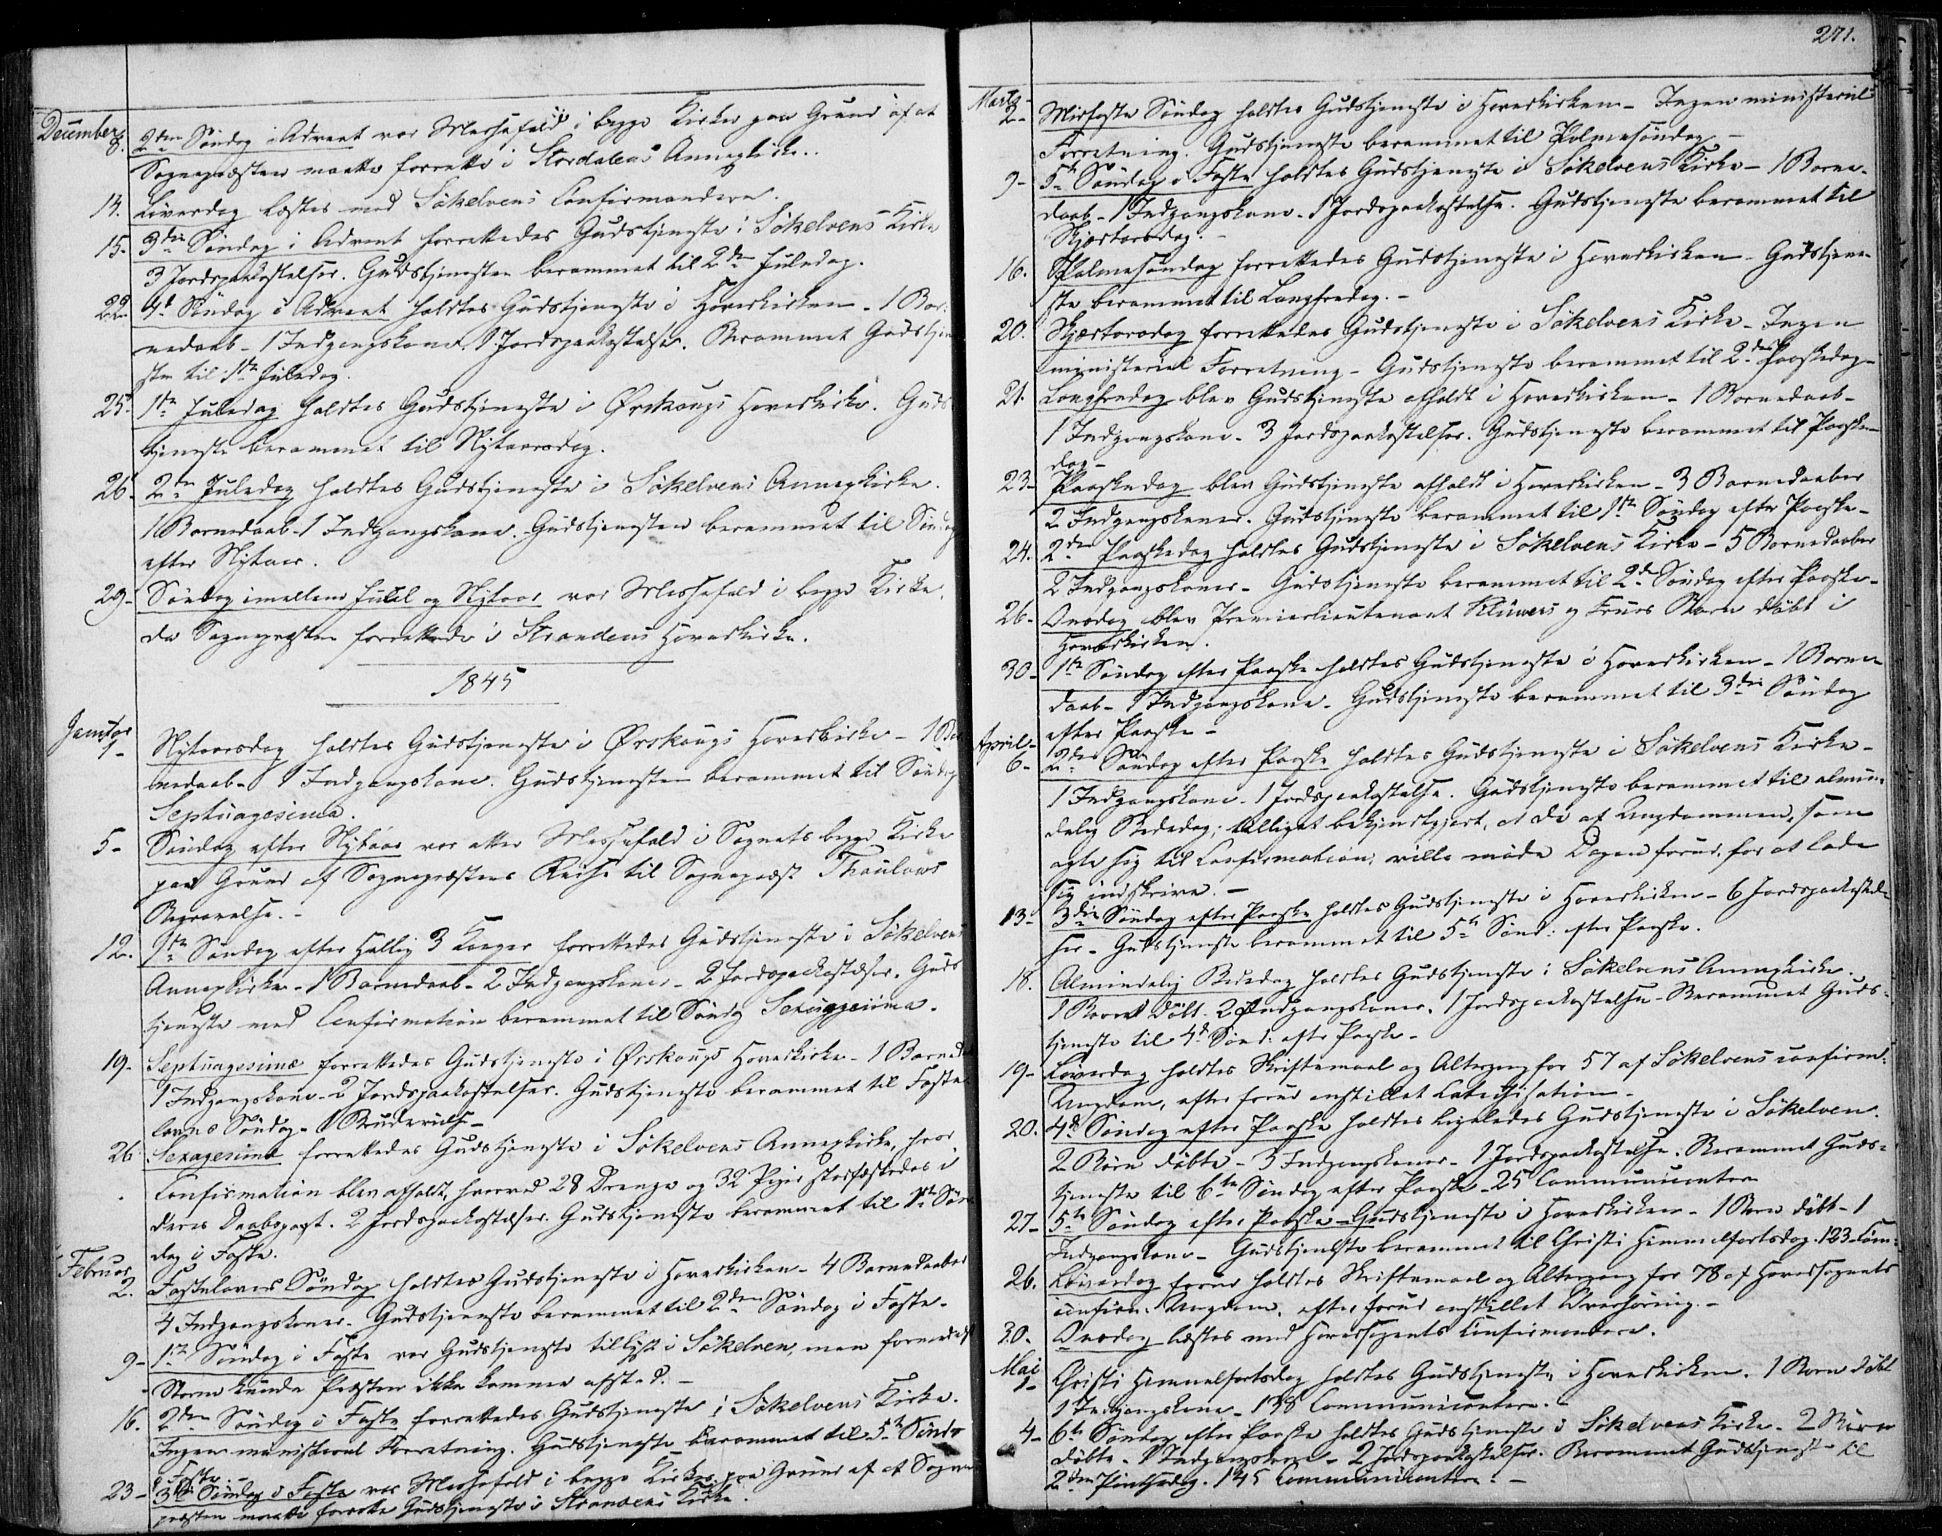 SAT, Ministerialprotokoller, klokkerbøker og fødselsregistre - Møre og Romsdal, 522/L0312: Ministerialbok nr. 522A07, 1843-1851, s. 271